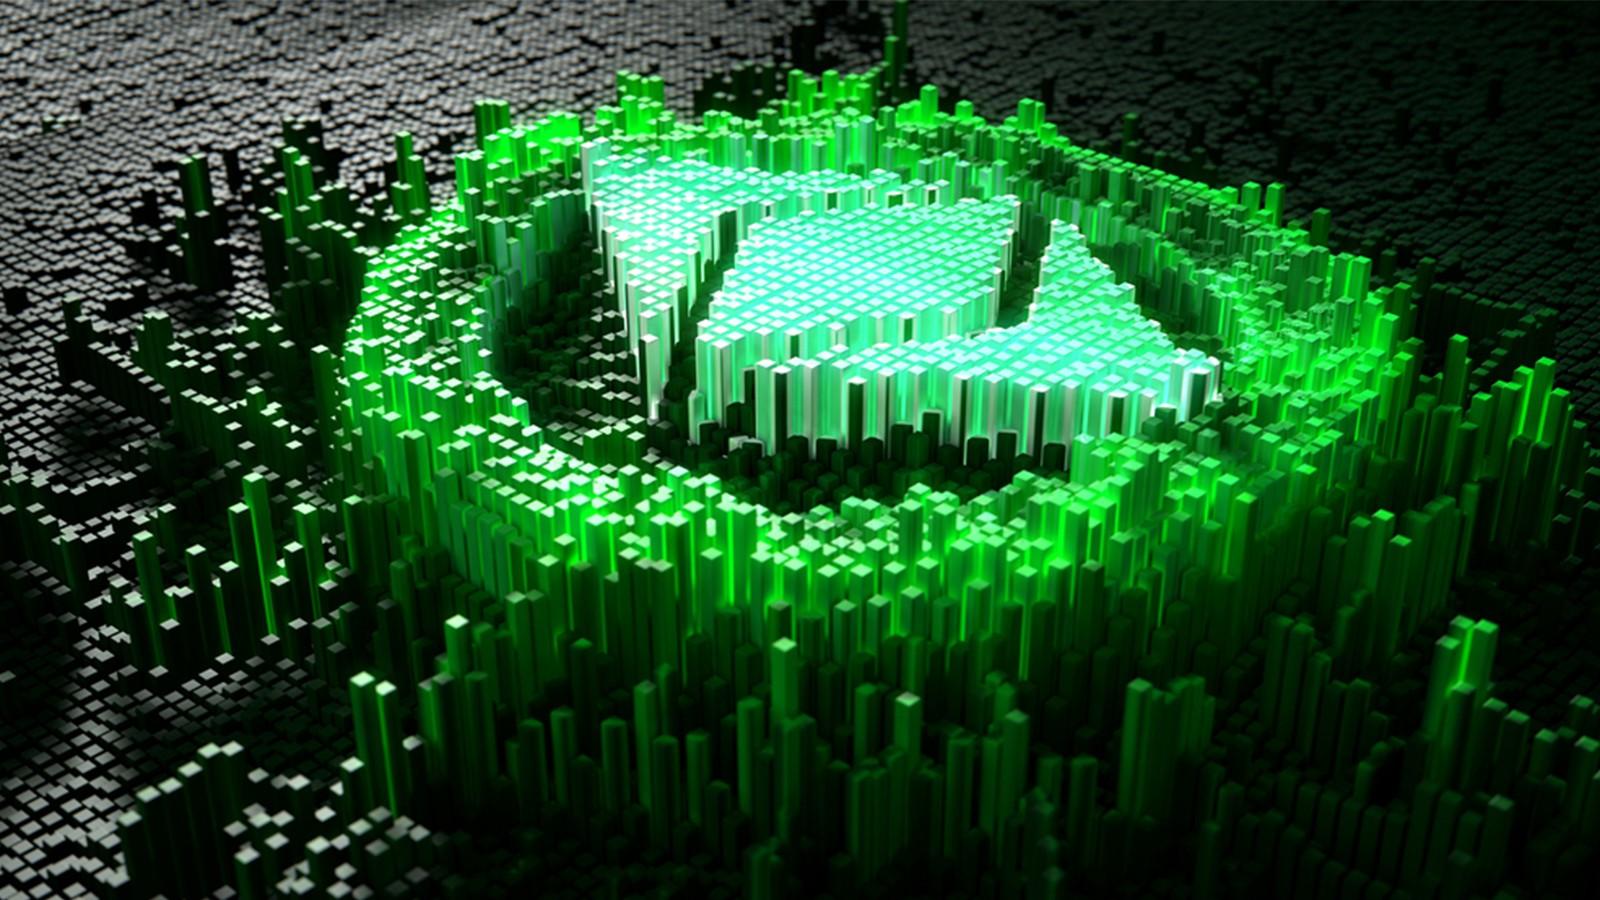 Ethereum'un büyük çaplı işlem hacmi ile en hızlı işlem hızına sahip kripto para